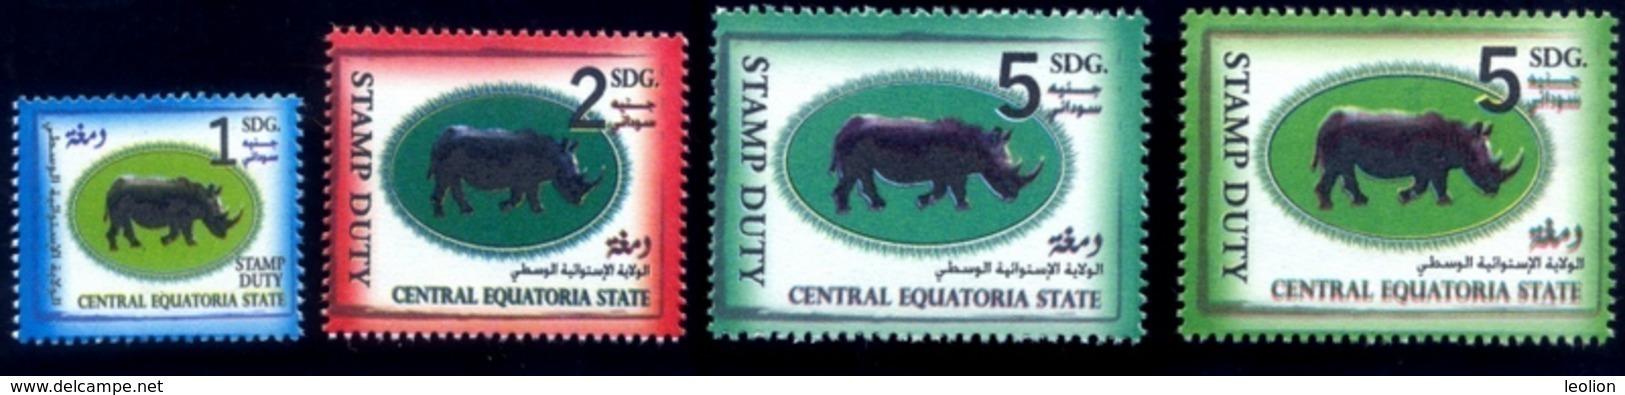 SOUTH SUDAN Set 1, 2 & 5 SDG Revenue / Fiscal Stamp Central Equatoria State RHINO Timbres Fiscaux Soudan Du Sud RARE! - South Sudan